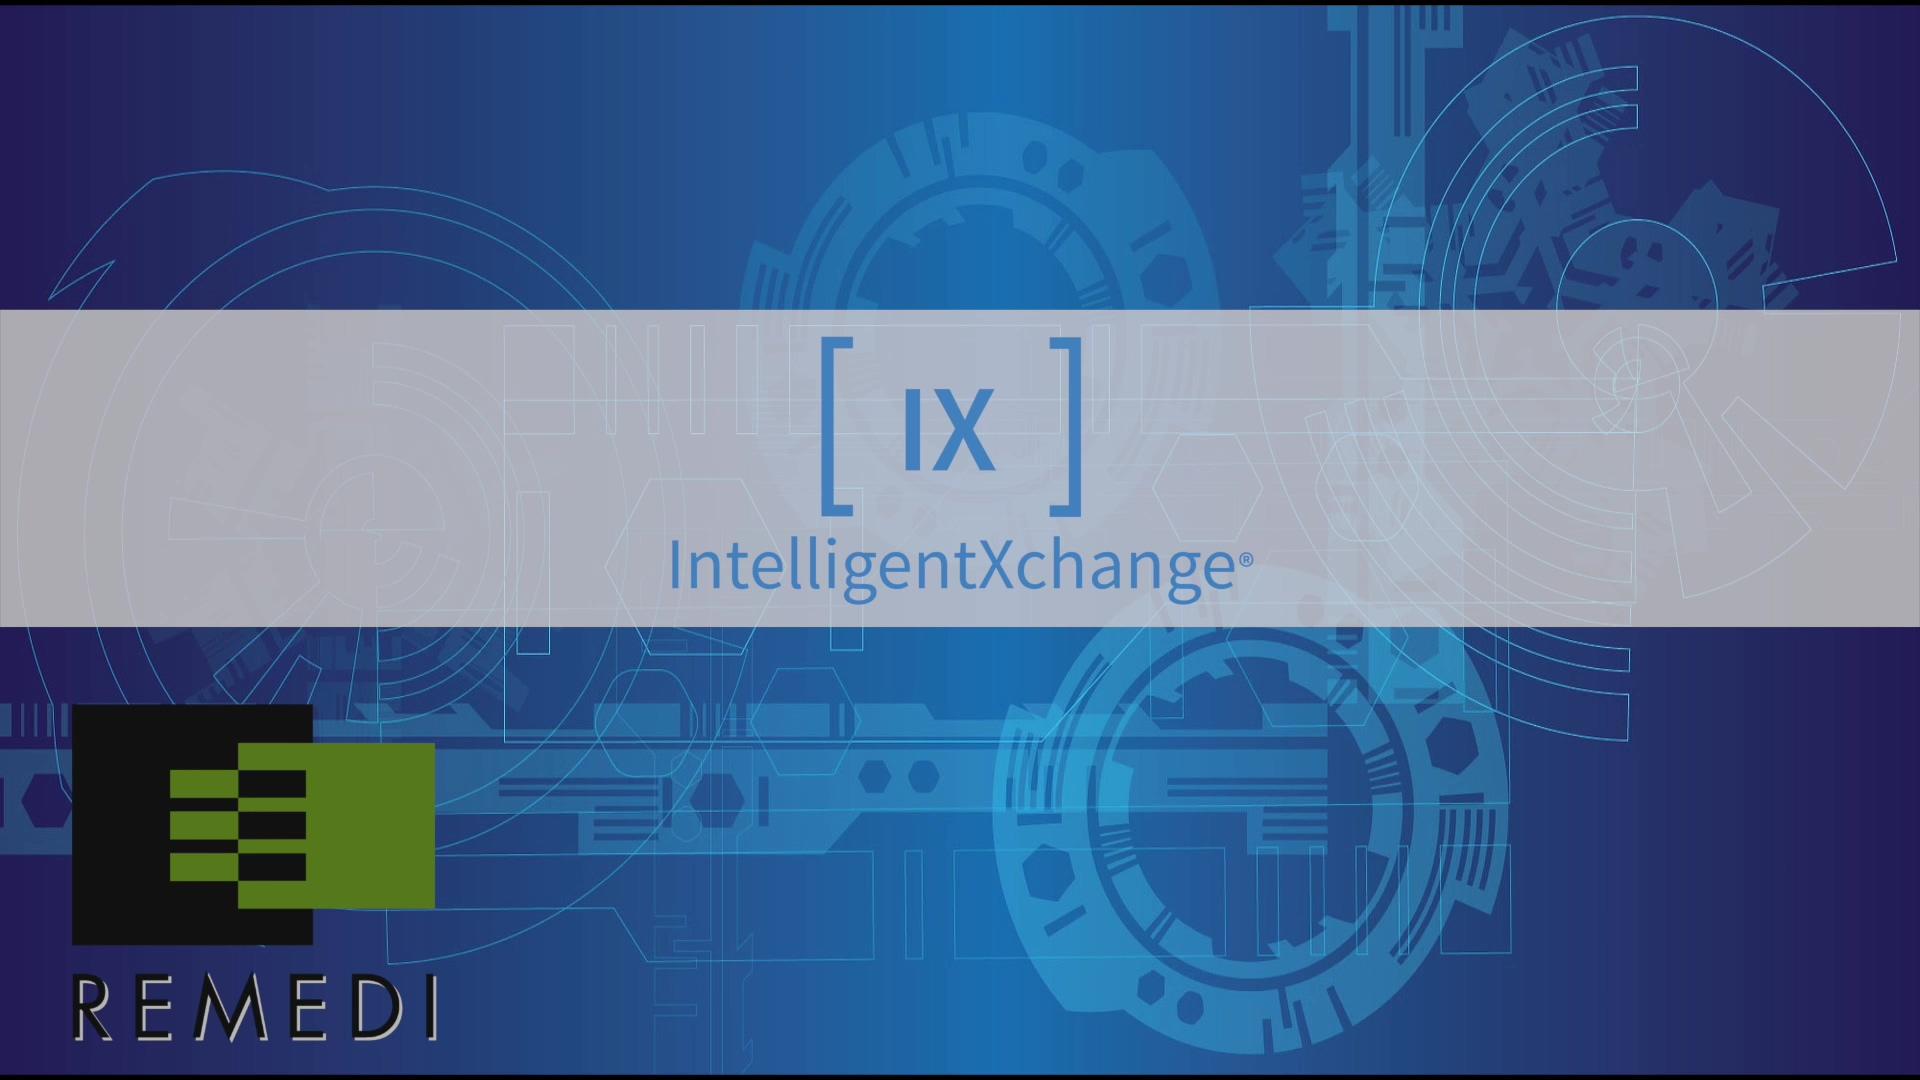 intelligentxchange